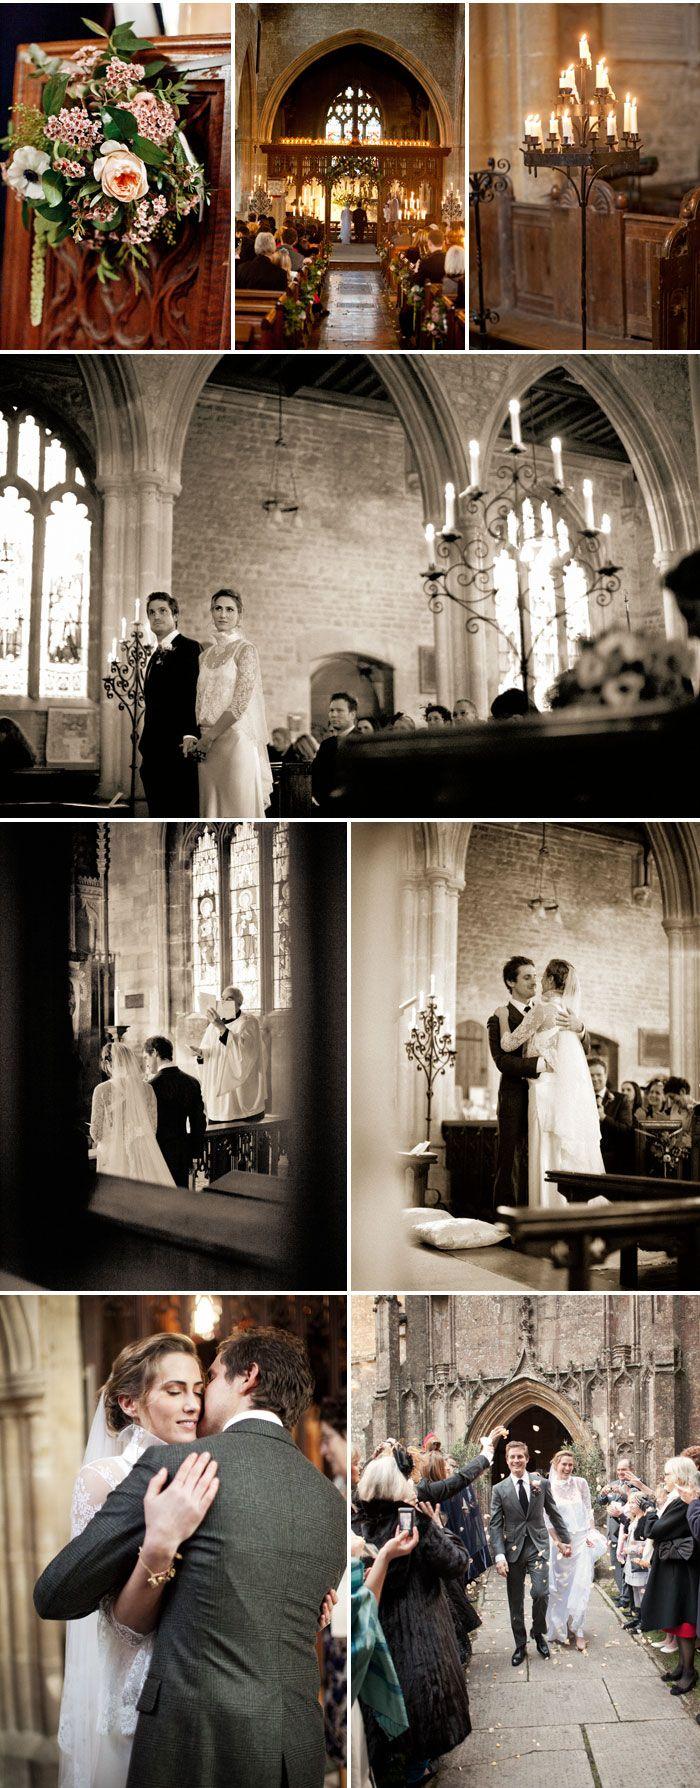 Aaron Delesie Photographer - Somerset, England